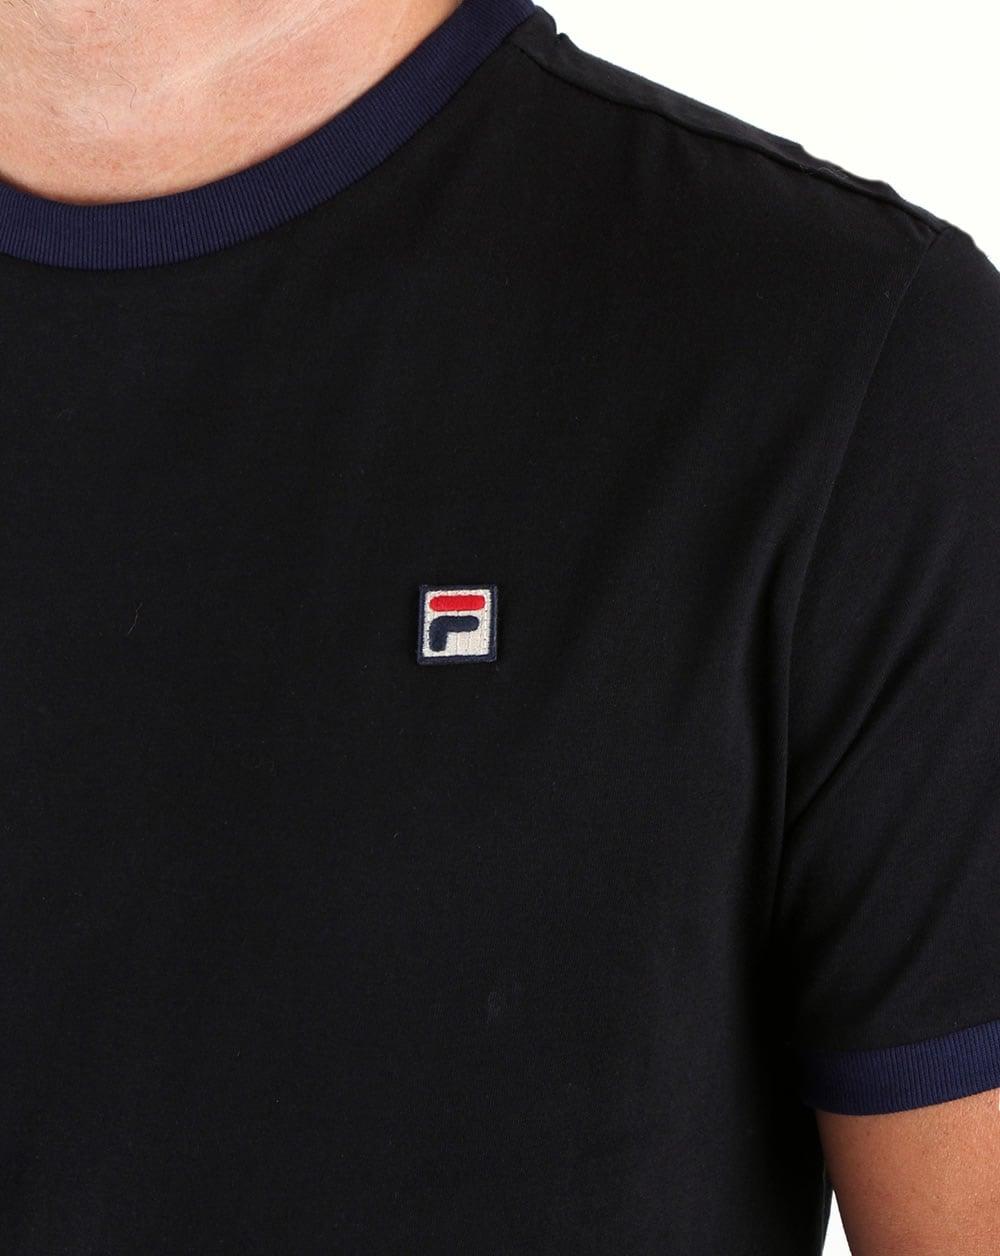 1c6d05e1 Fila Vintage Ringer T Shirt Black